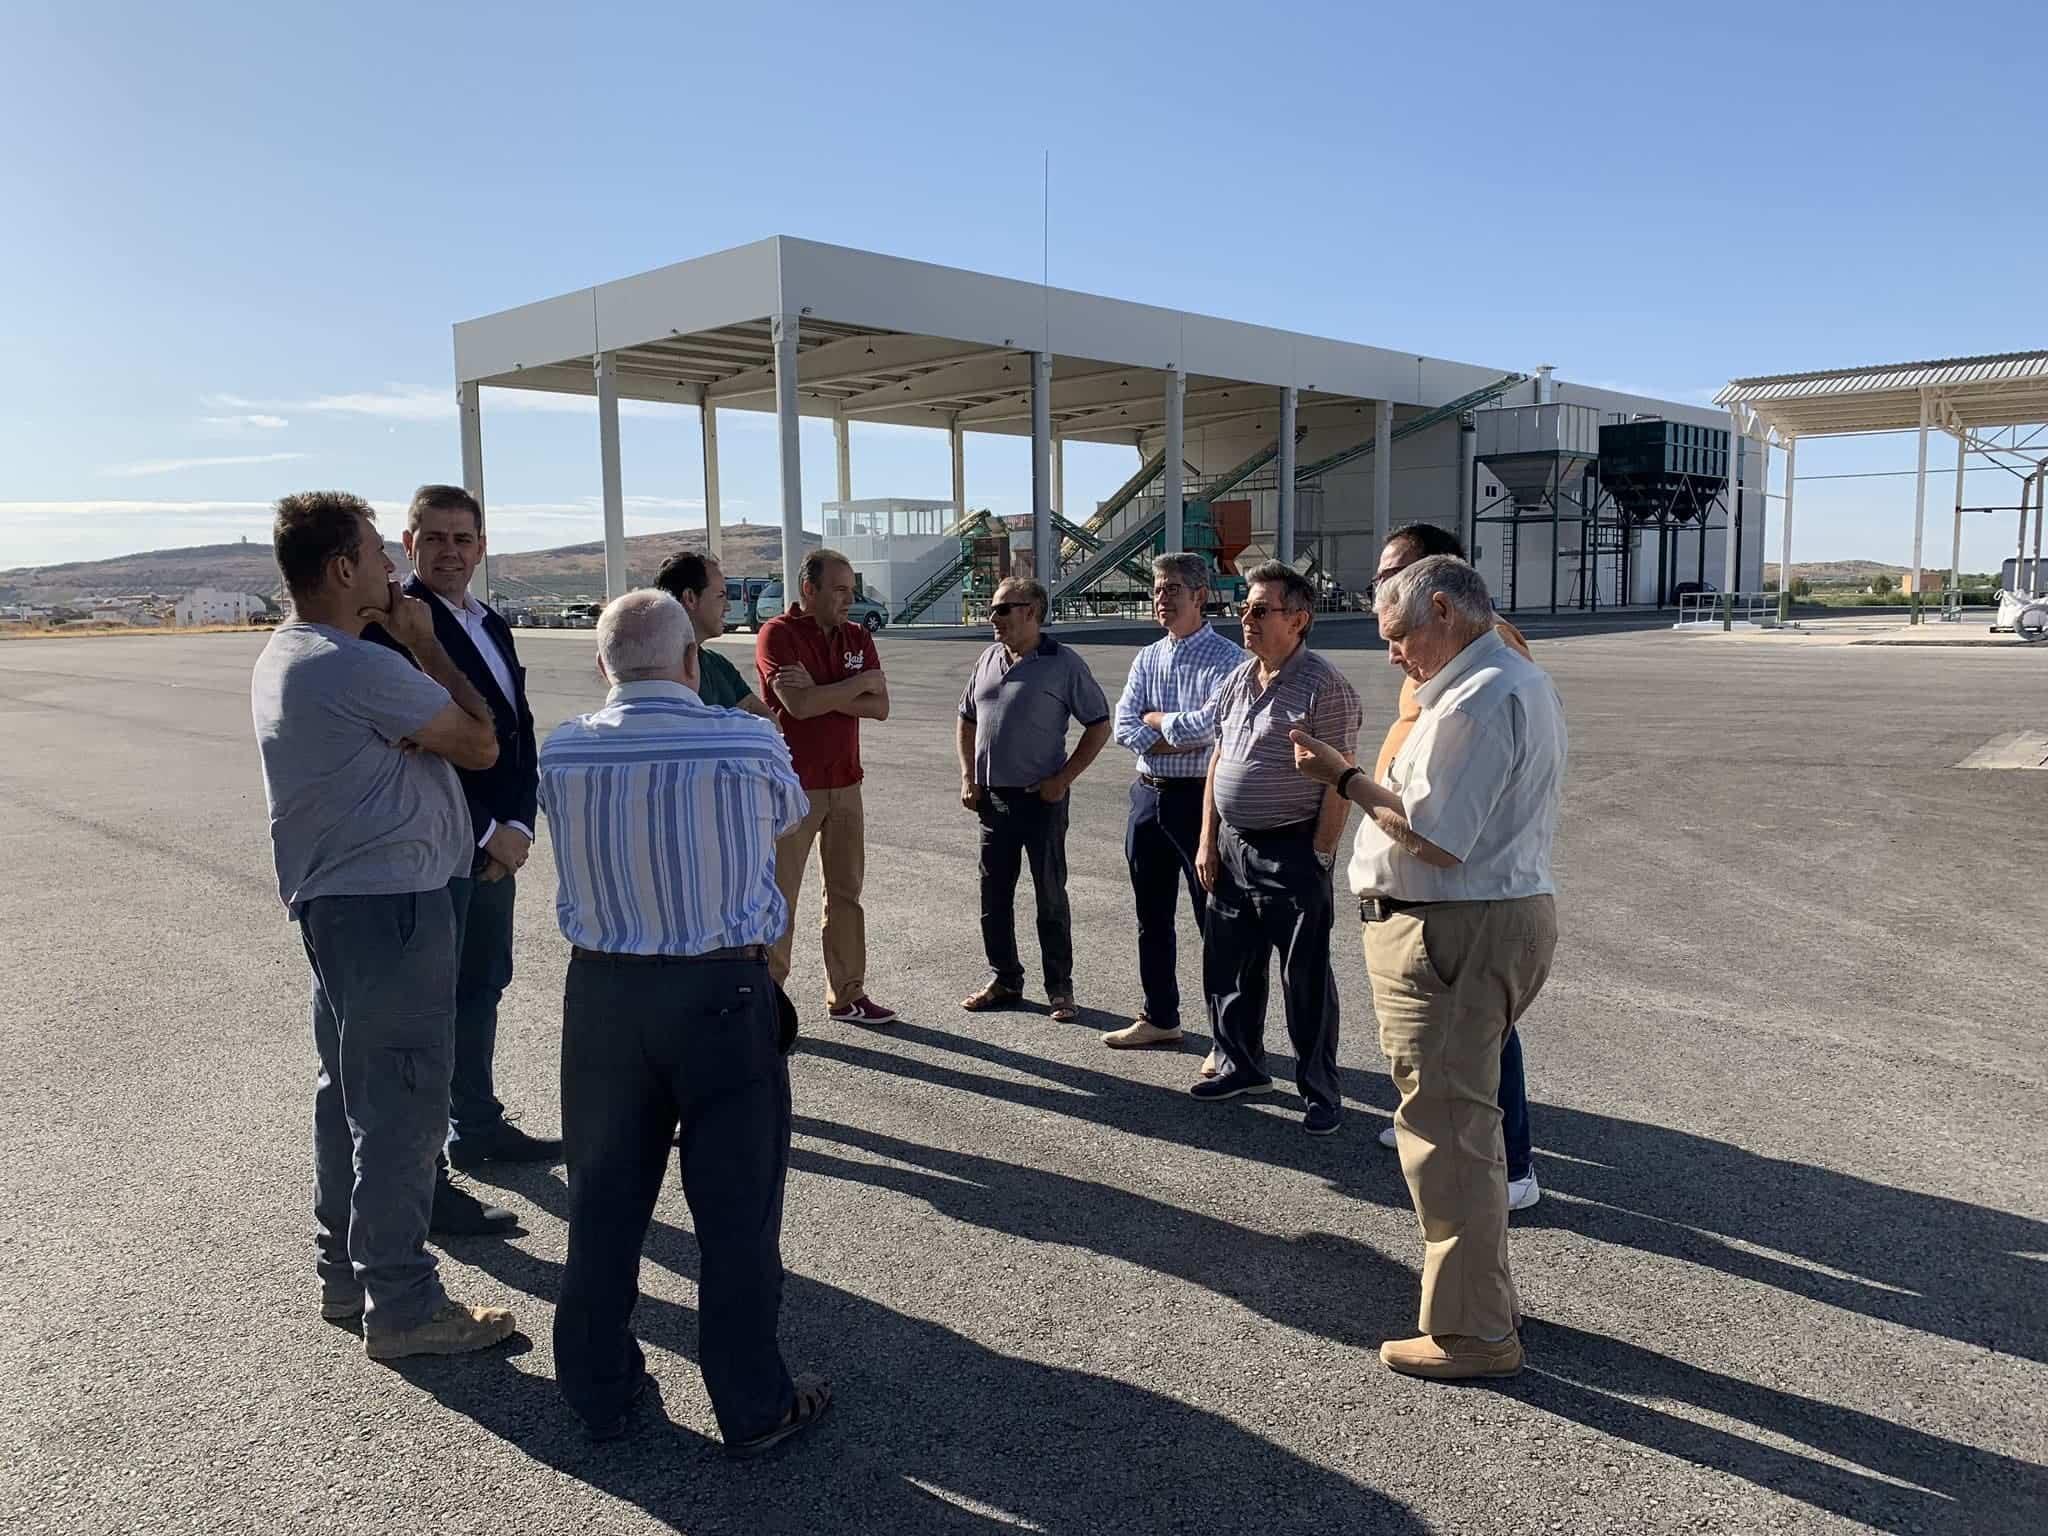 visita almazarera la encarnacion herencia 4 - El Ayuntamiento intensificará la colaboración con el sector agroalimentario en Herencia